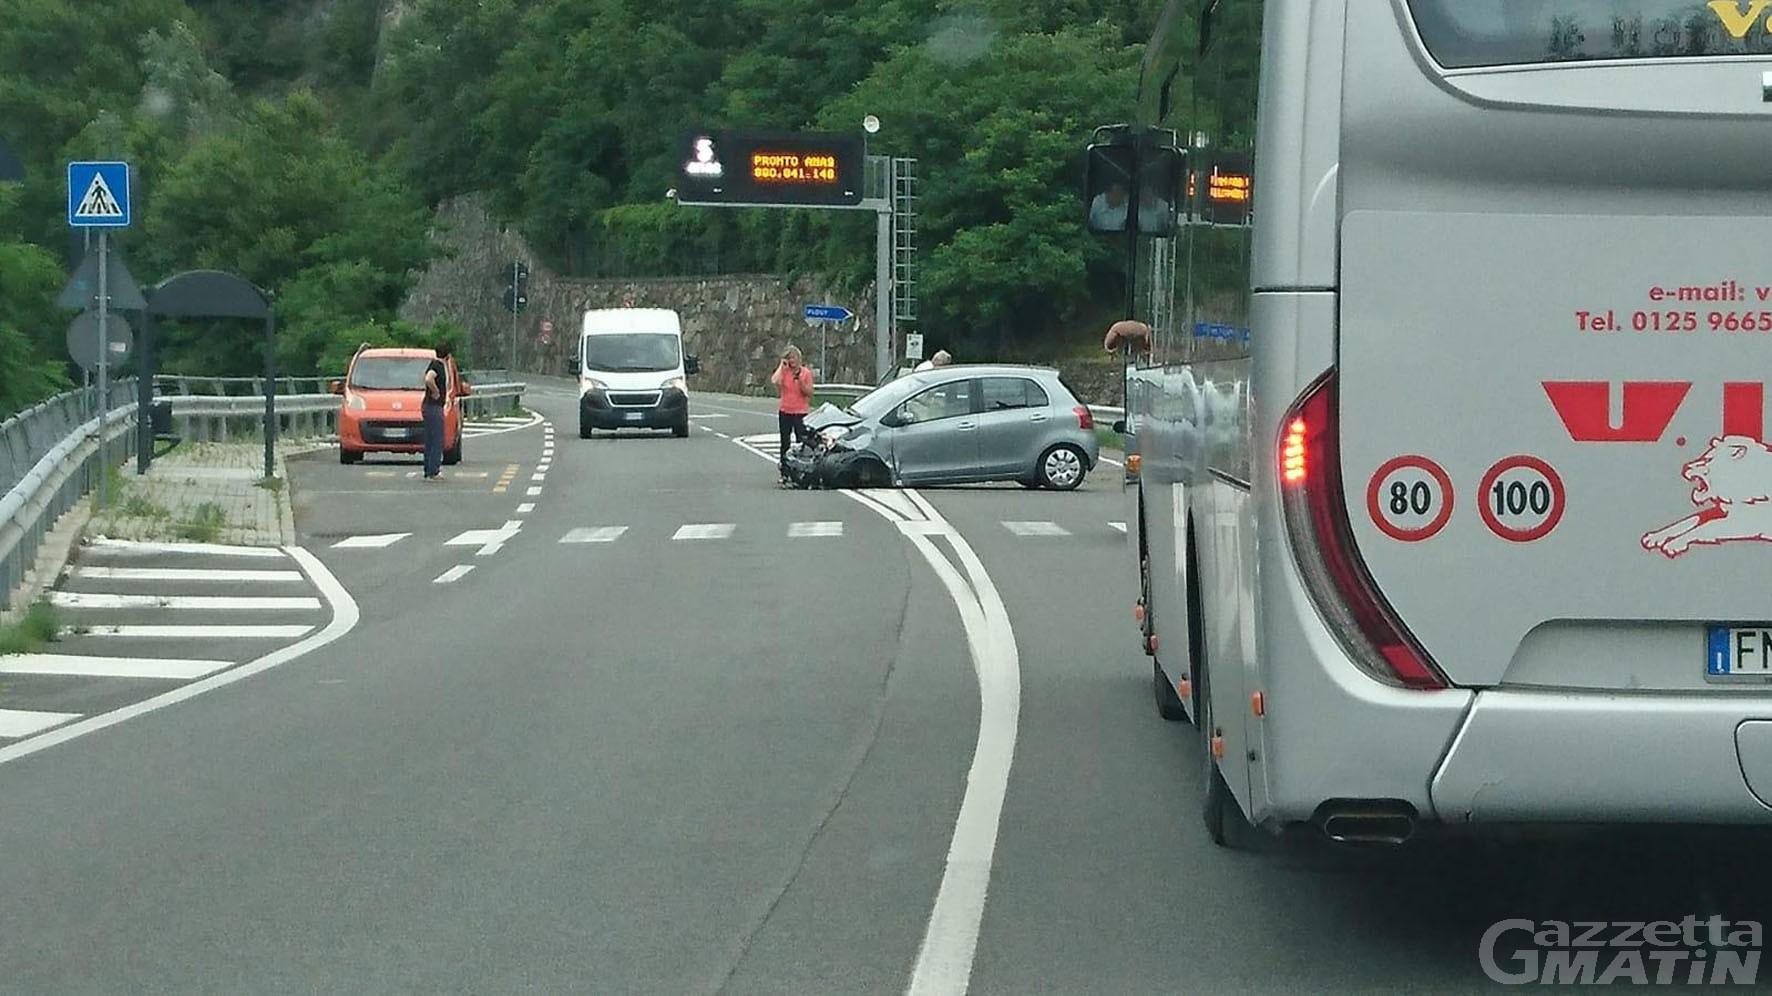 Incidente stradale a Verrès: auto distrutta, illeso il conducente